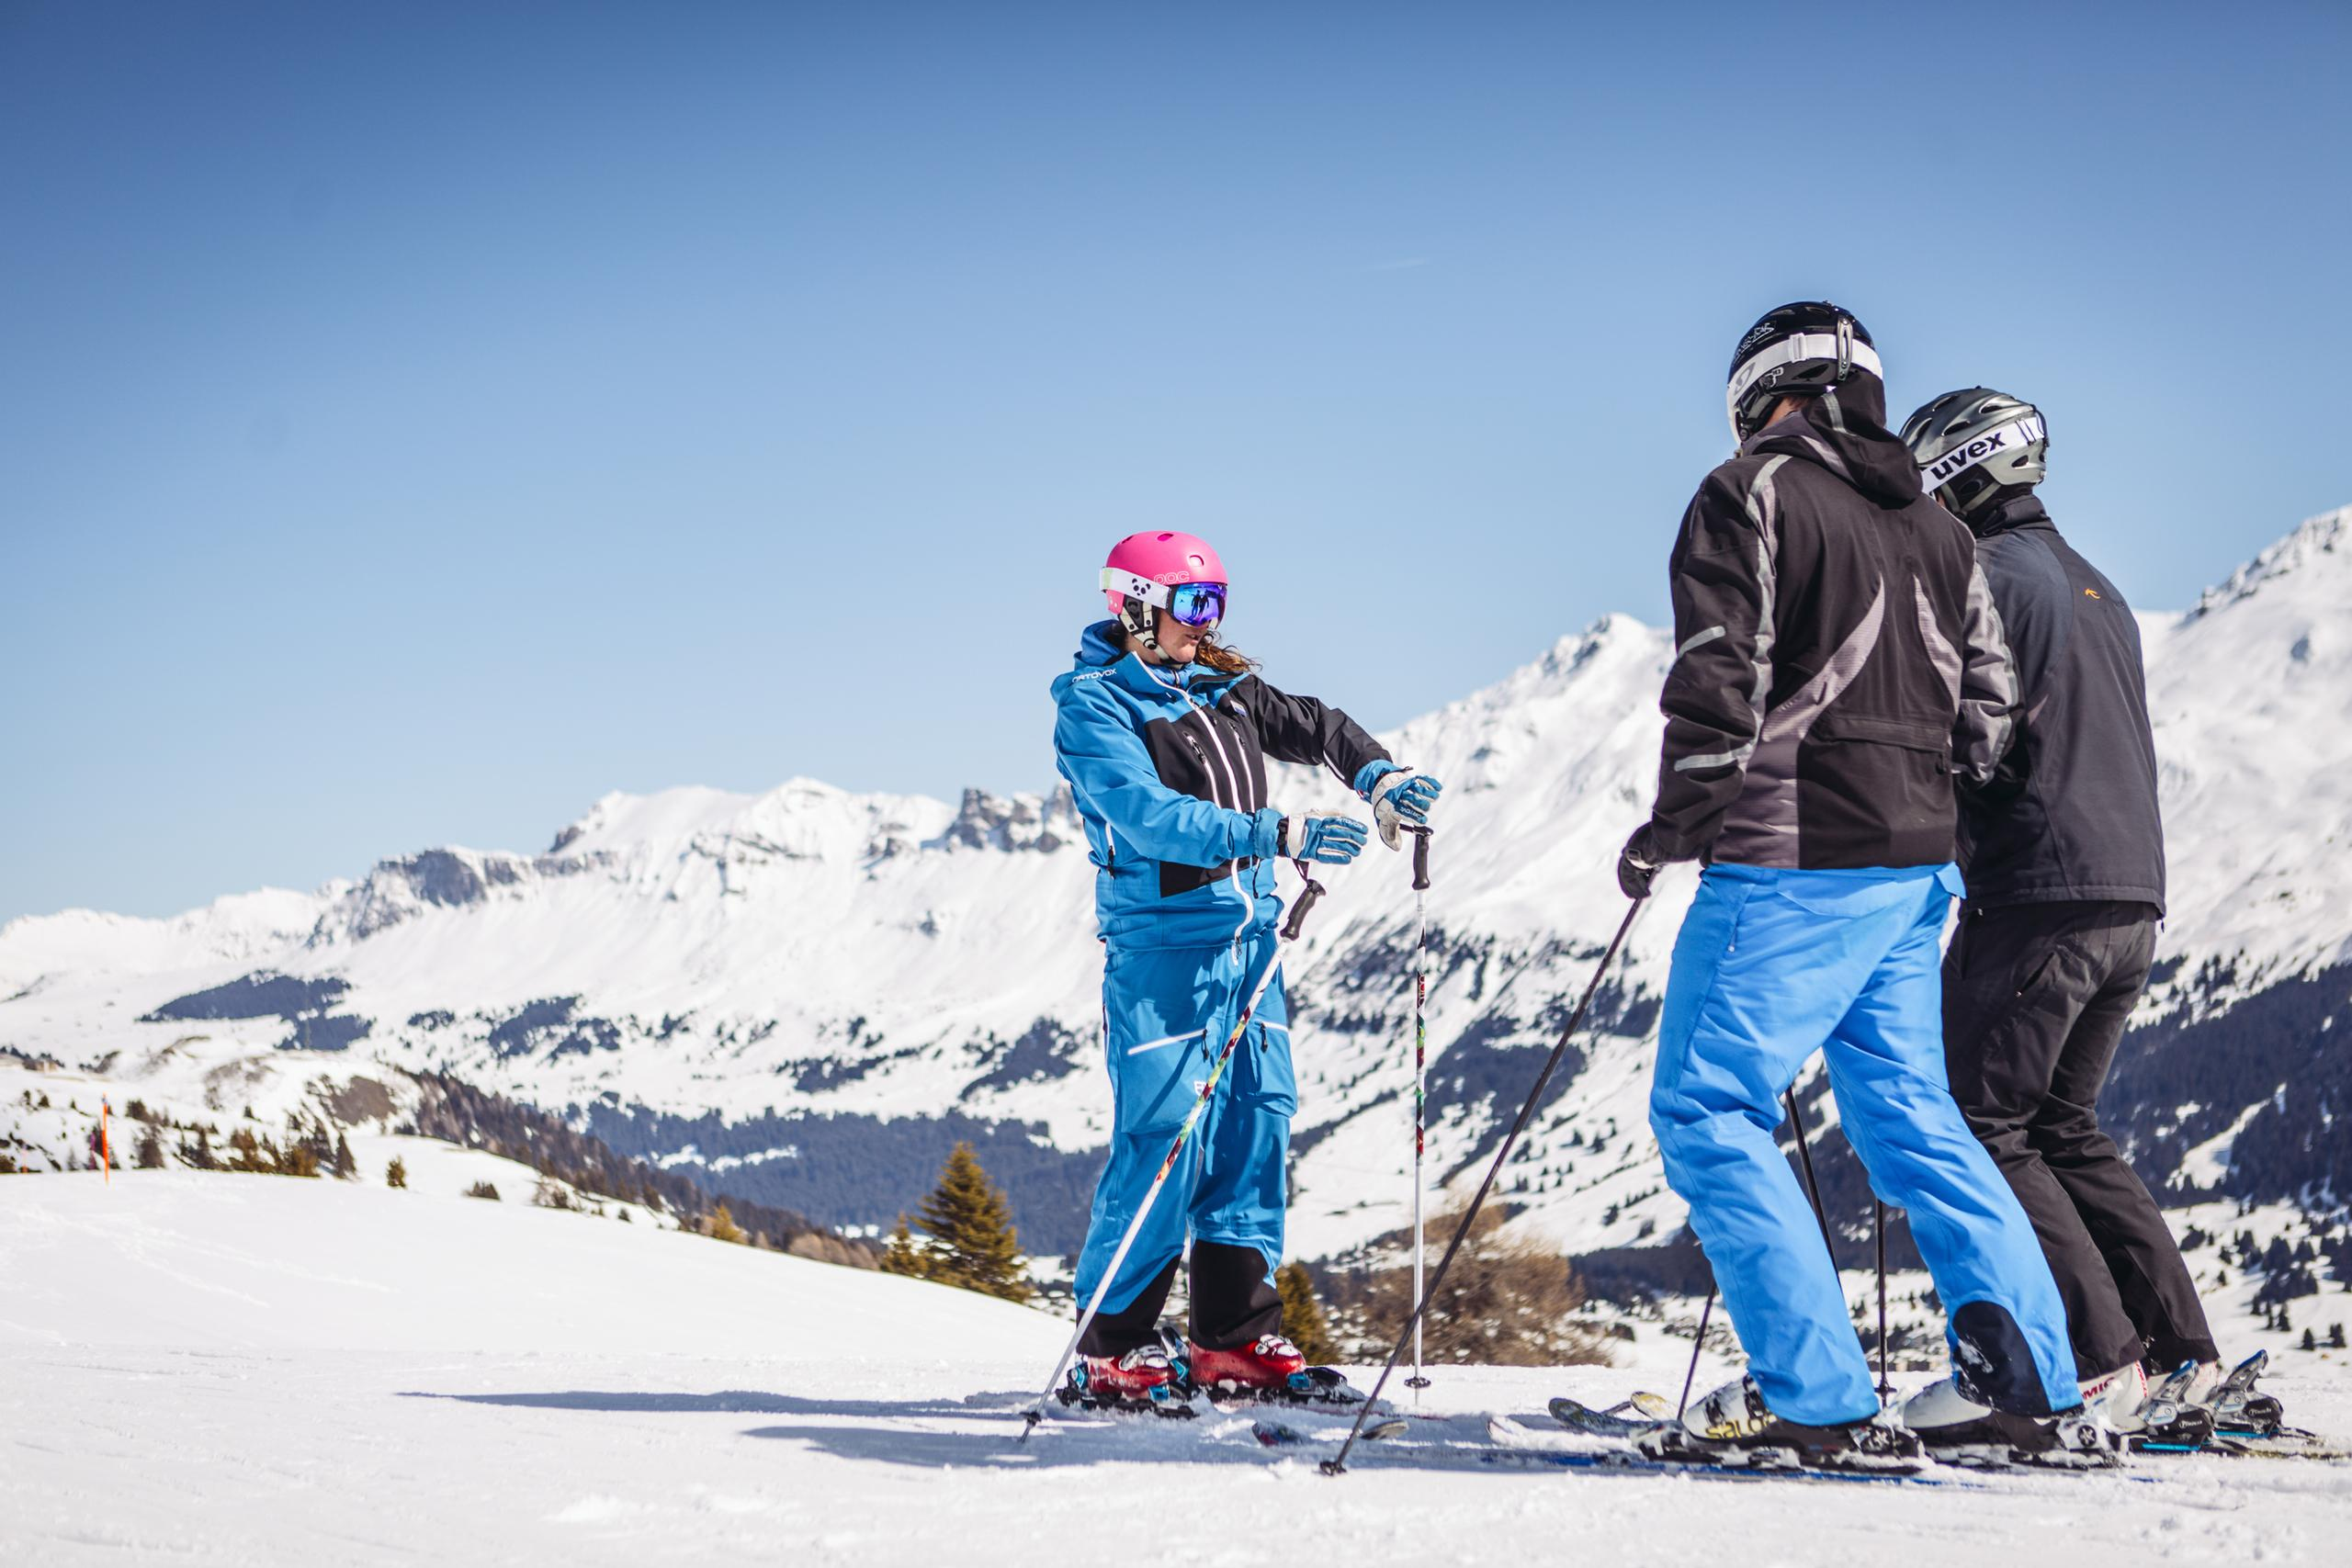 Skilessen voor volwassenen vanaf 18 jaar - gevorderd